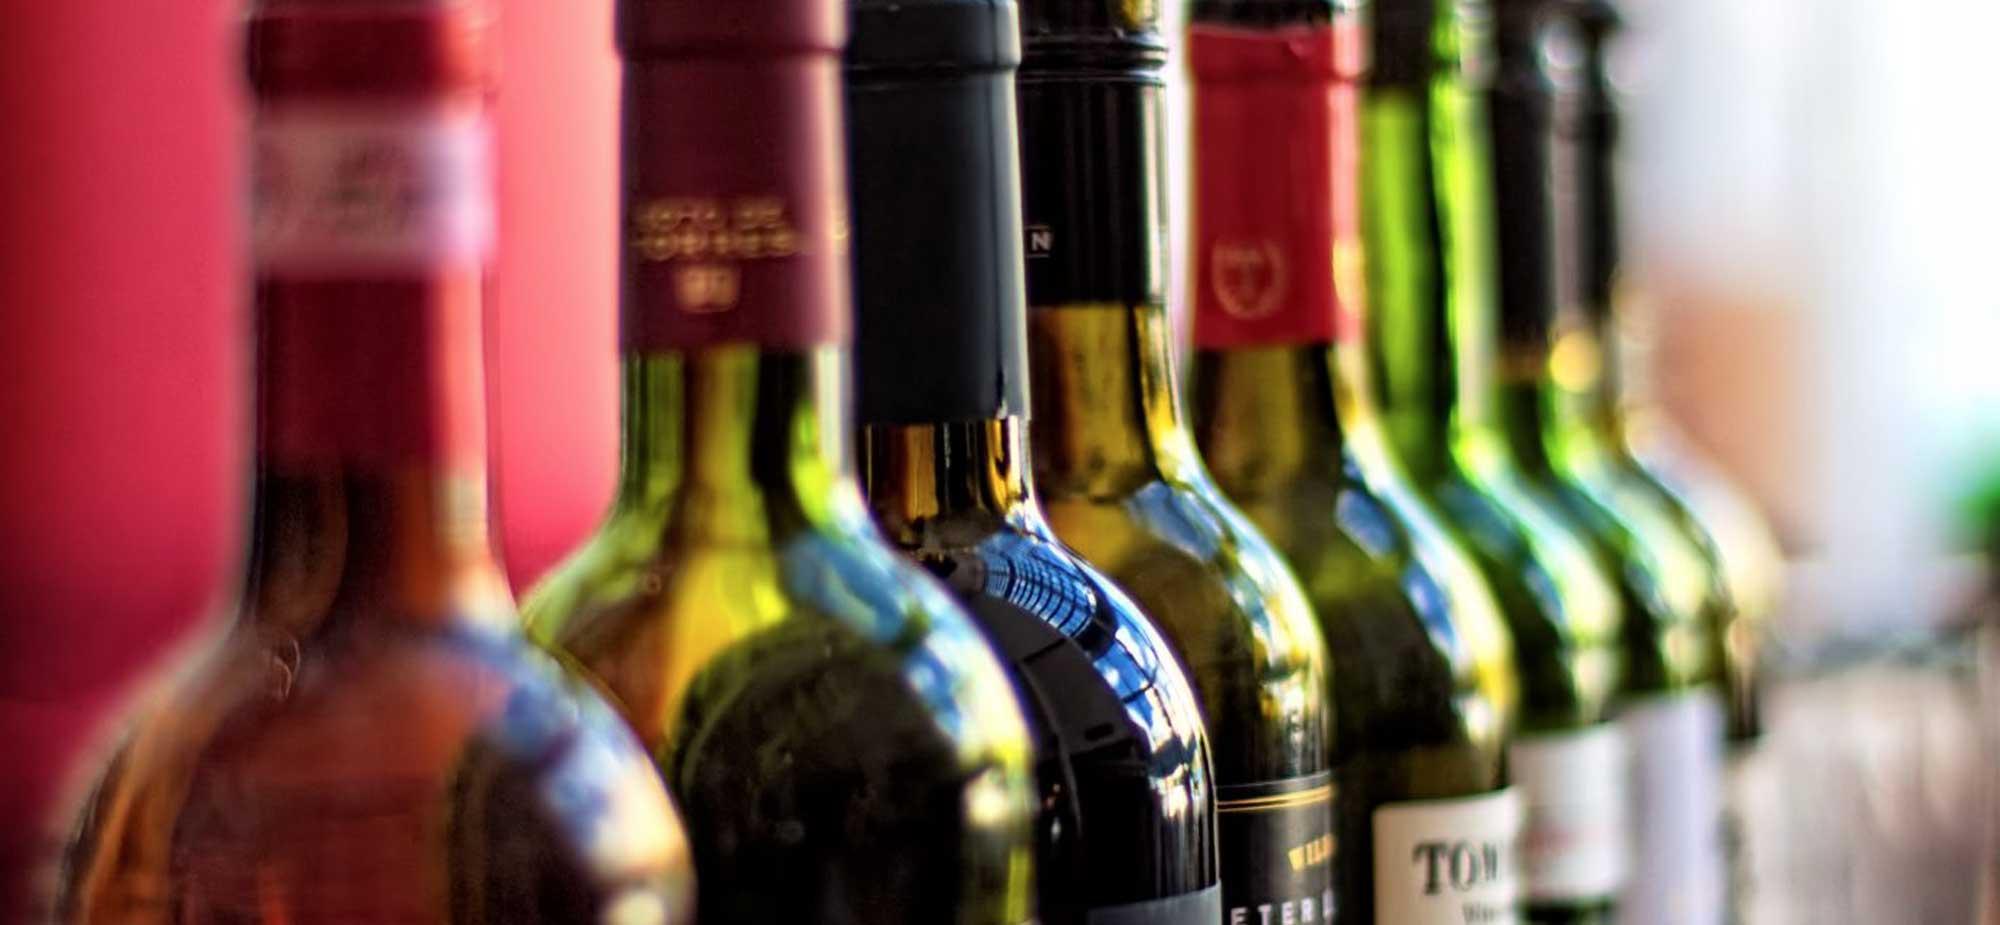 wine-tasting-july.jpg